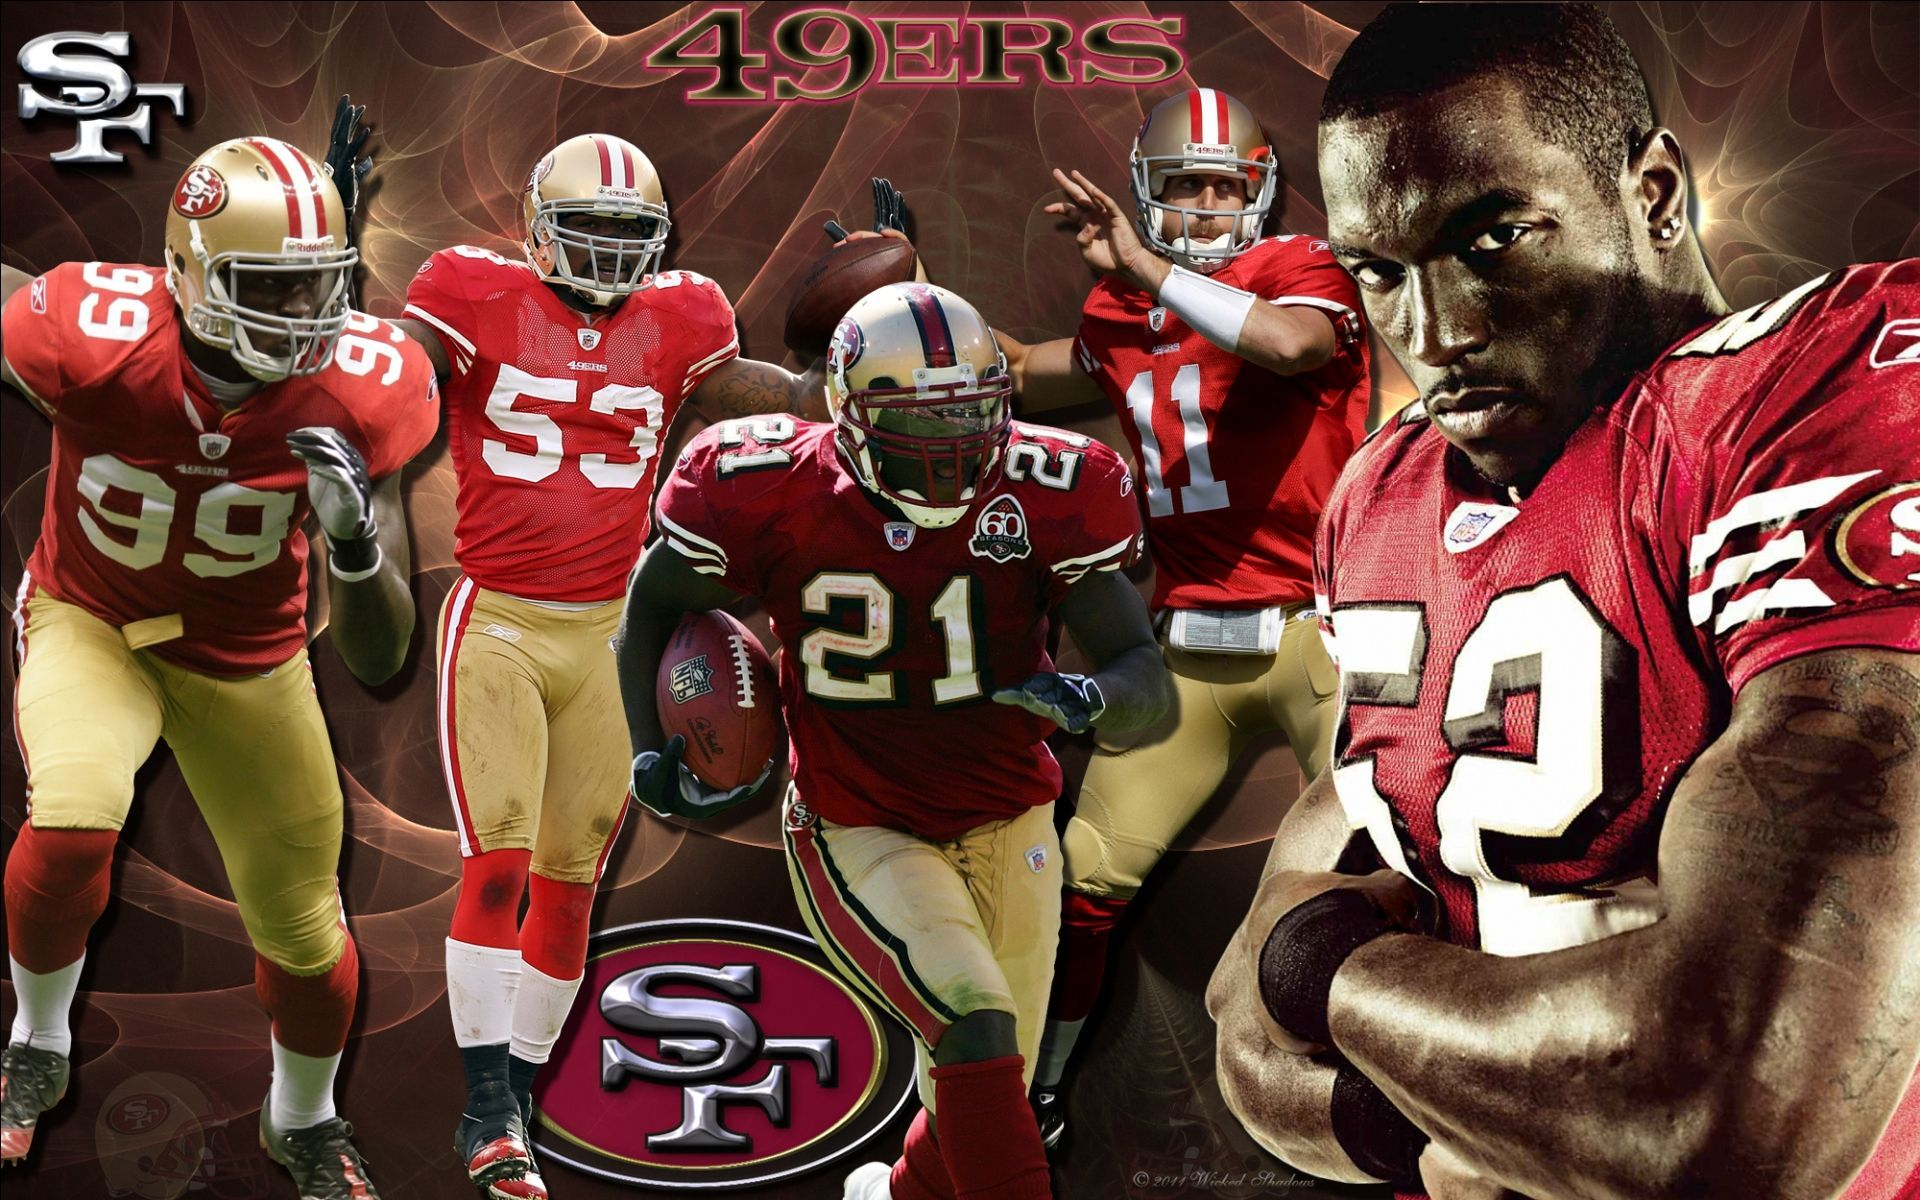 San Francisco 49ers 10 Best Wallpaper Equipo de fútbol